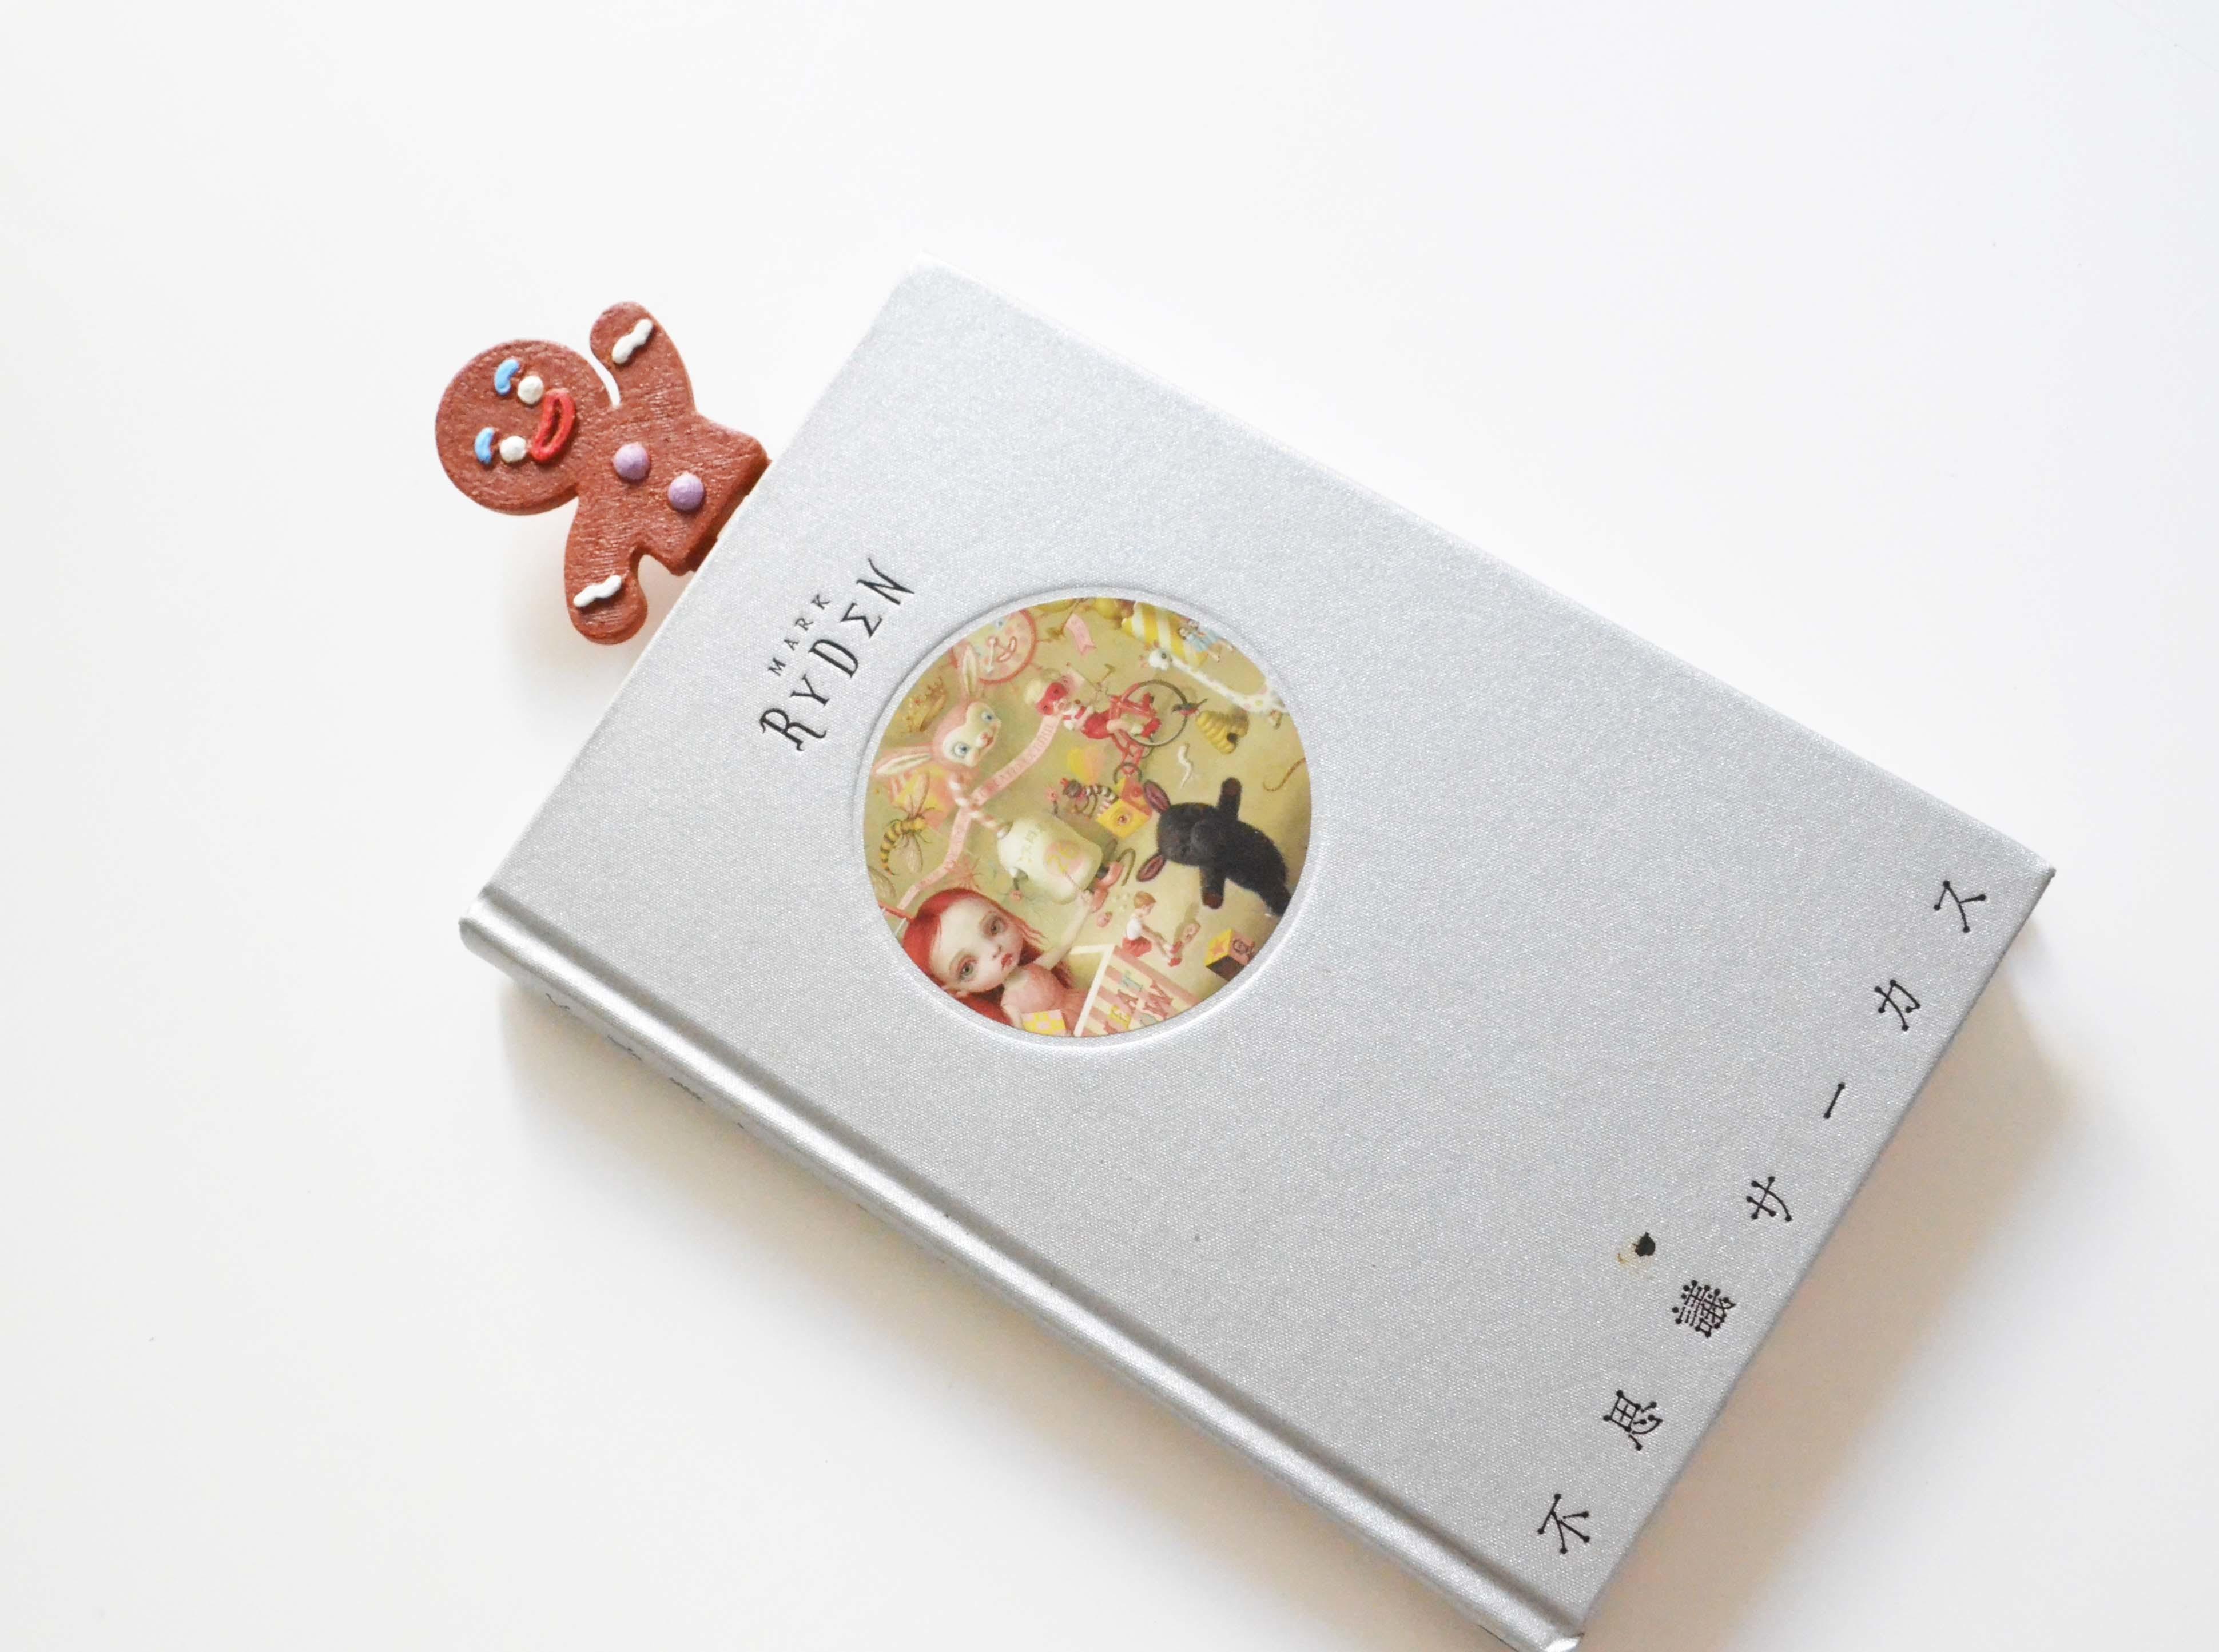 DSC_7754.jpg Download OBJ file Christmas Gift • 3D printable design, Merve